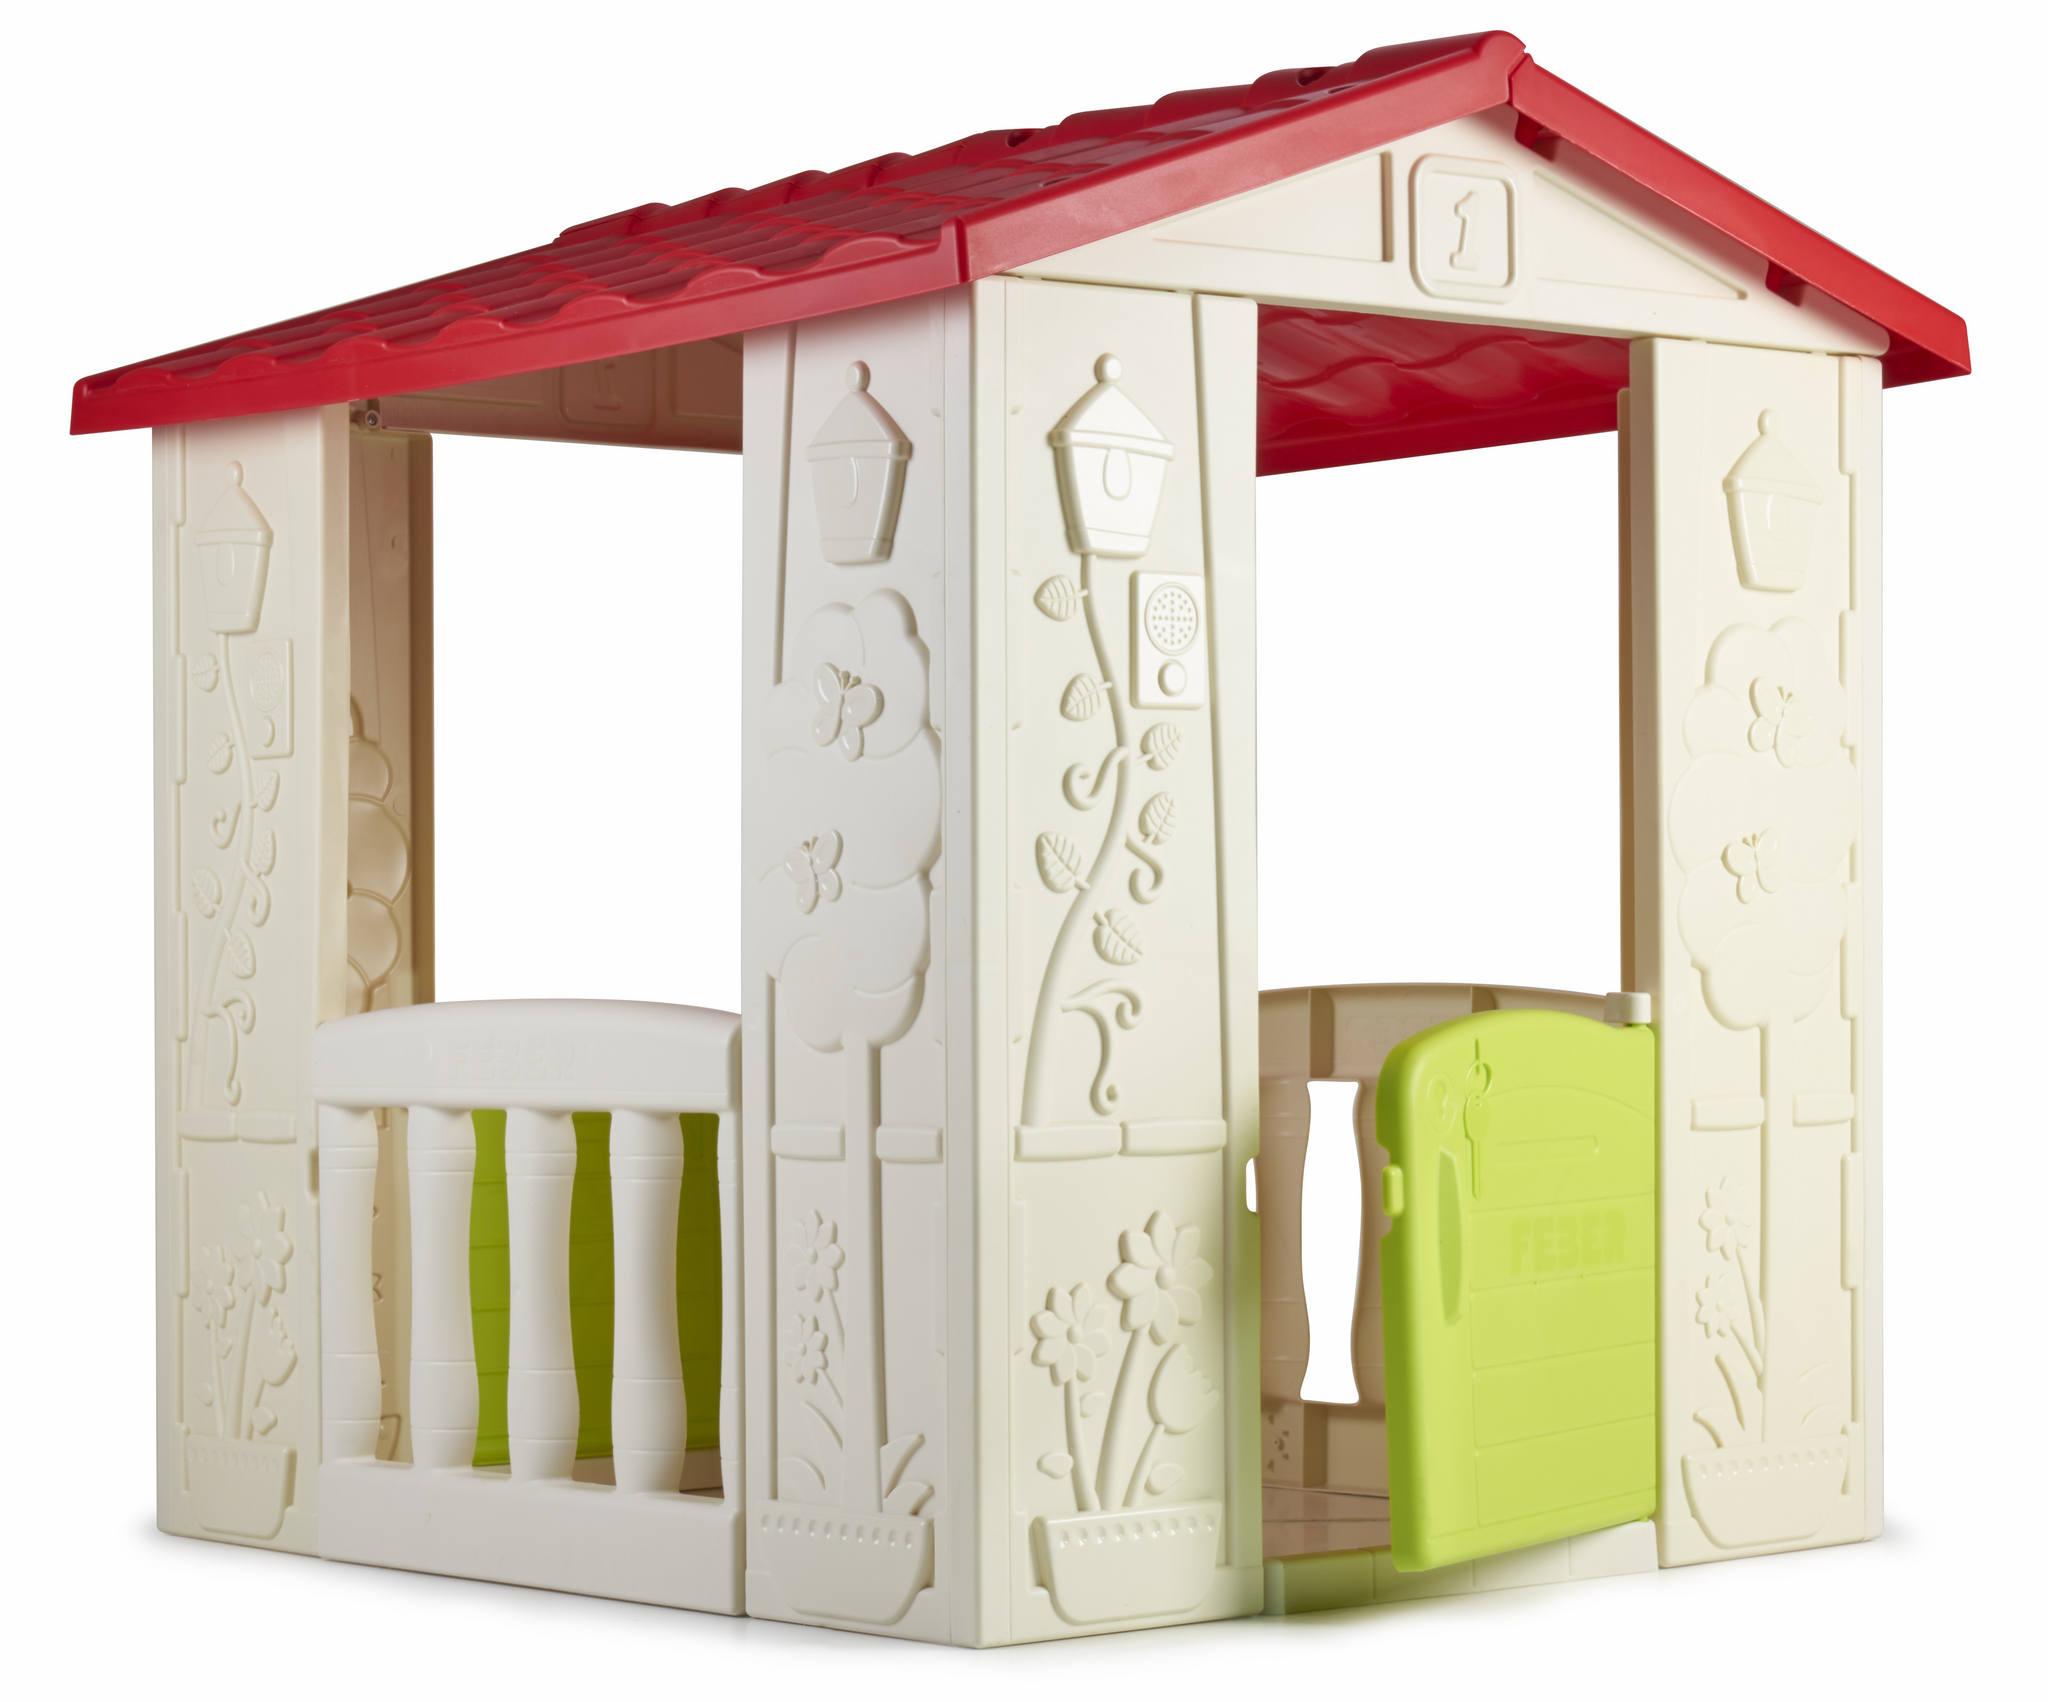 HAPPY FEBER HOUSE 12380 - N15119